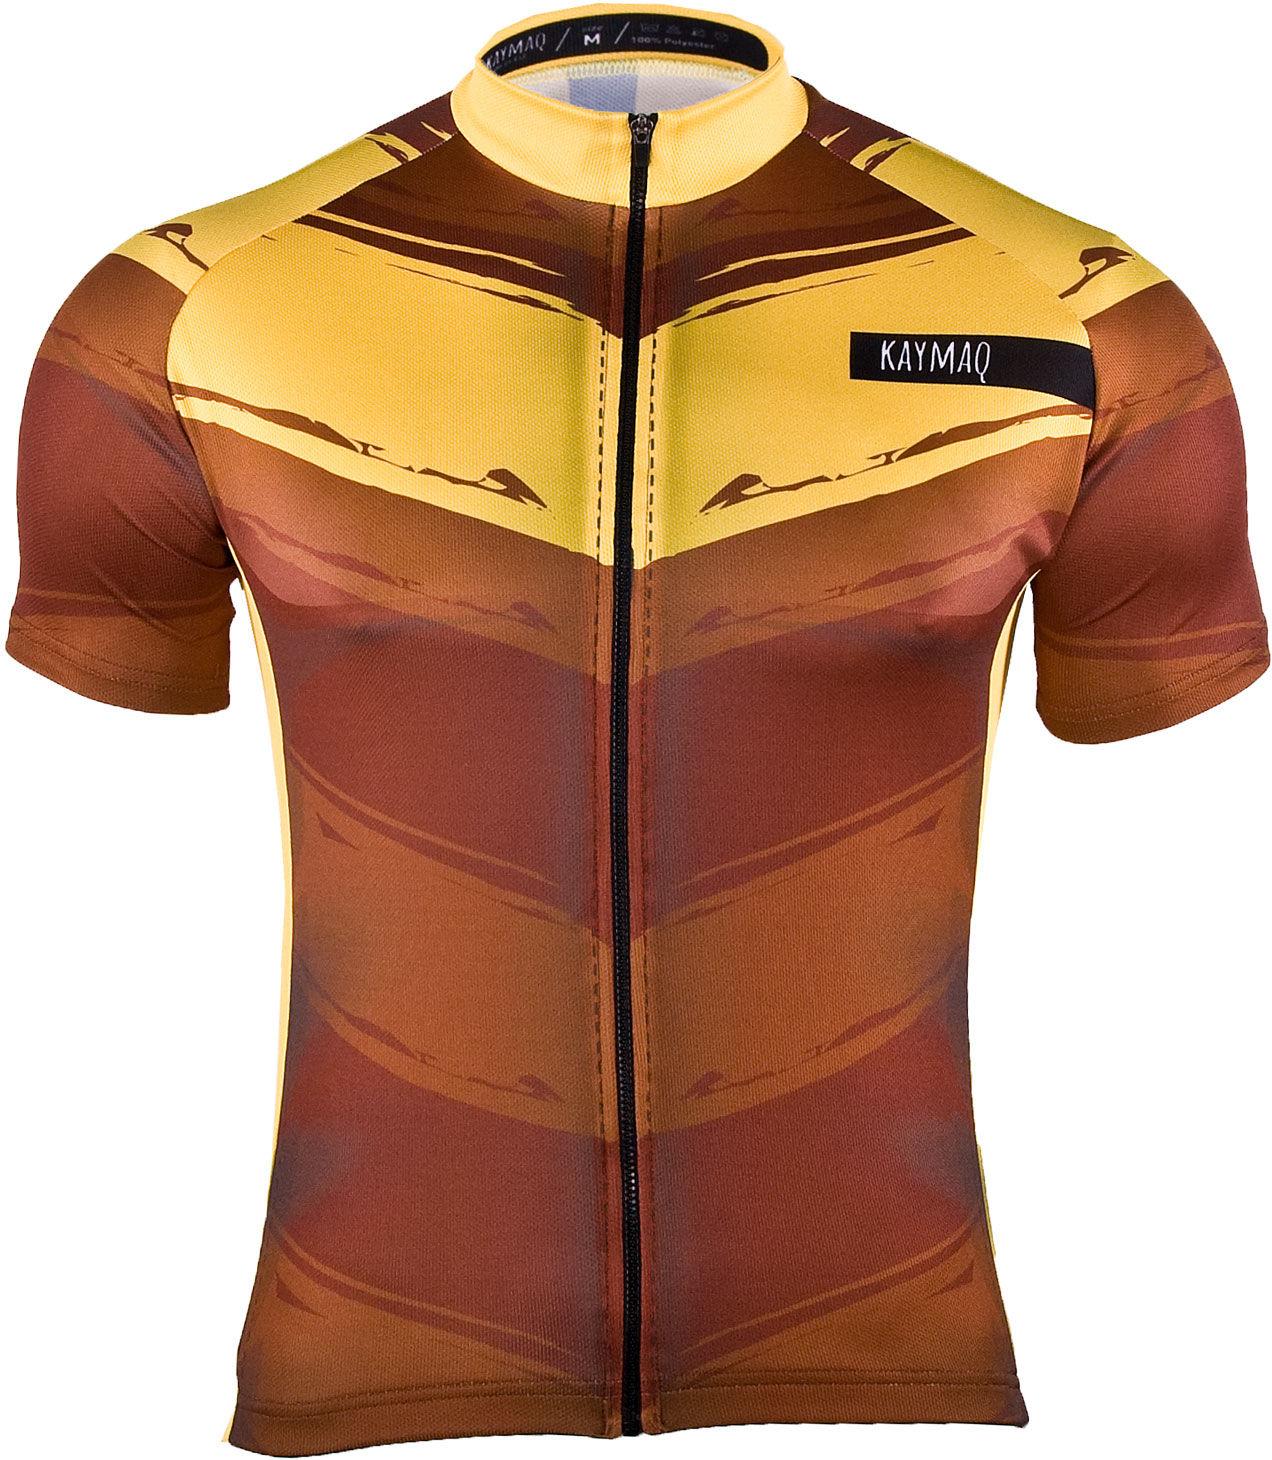 KAYMAQ M13 męska koszulka rowerowa z krótkim rękawem brązowa Rozmiar: 2XL,kaymaq-m13